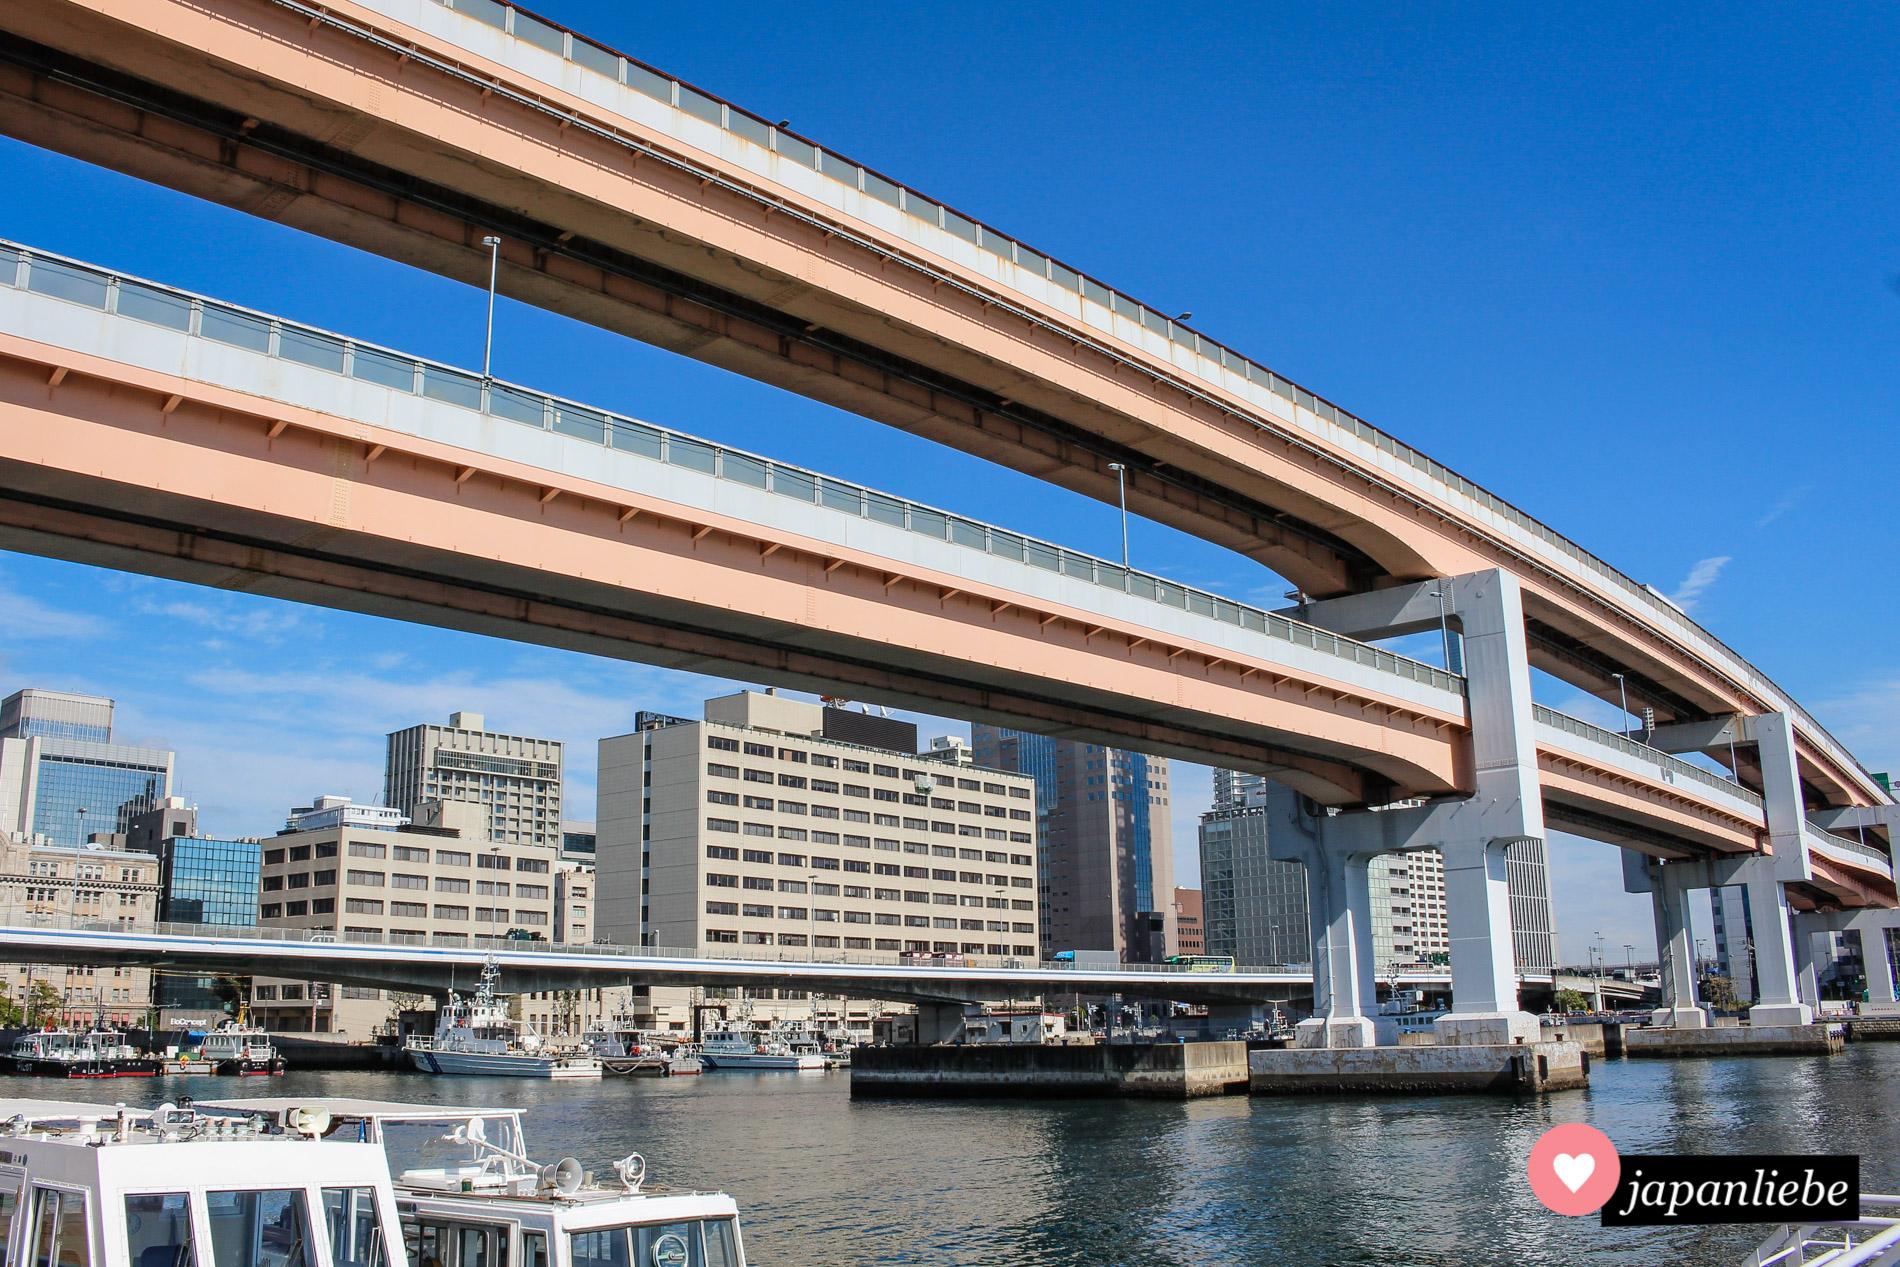 Gleich mehrere Straßen übereinander durchkreuzen Kobe.